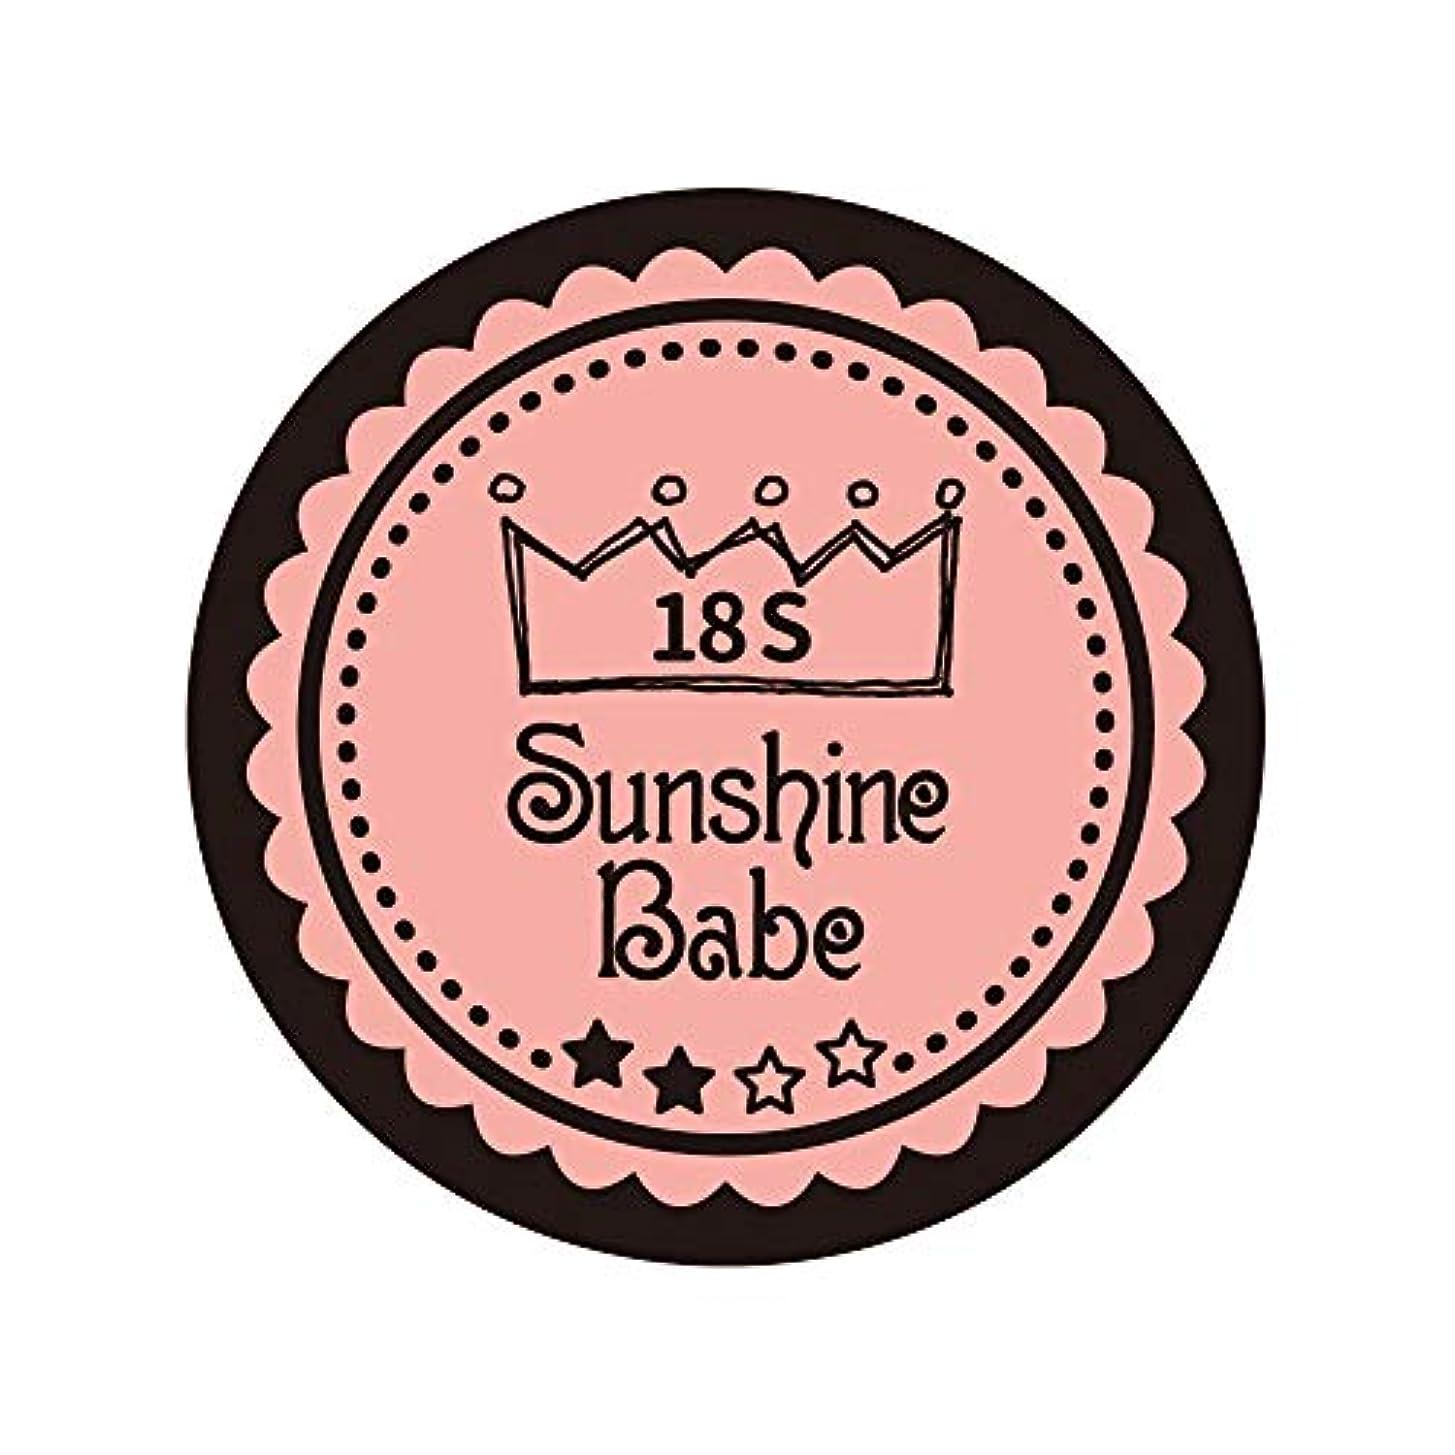 カバレッジ公爵雑種Sunshine Babe コスメティックカラー 18S ロマンティックベリー 4g UV/LED対応